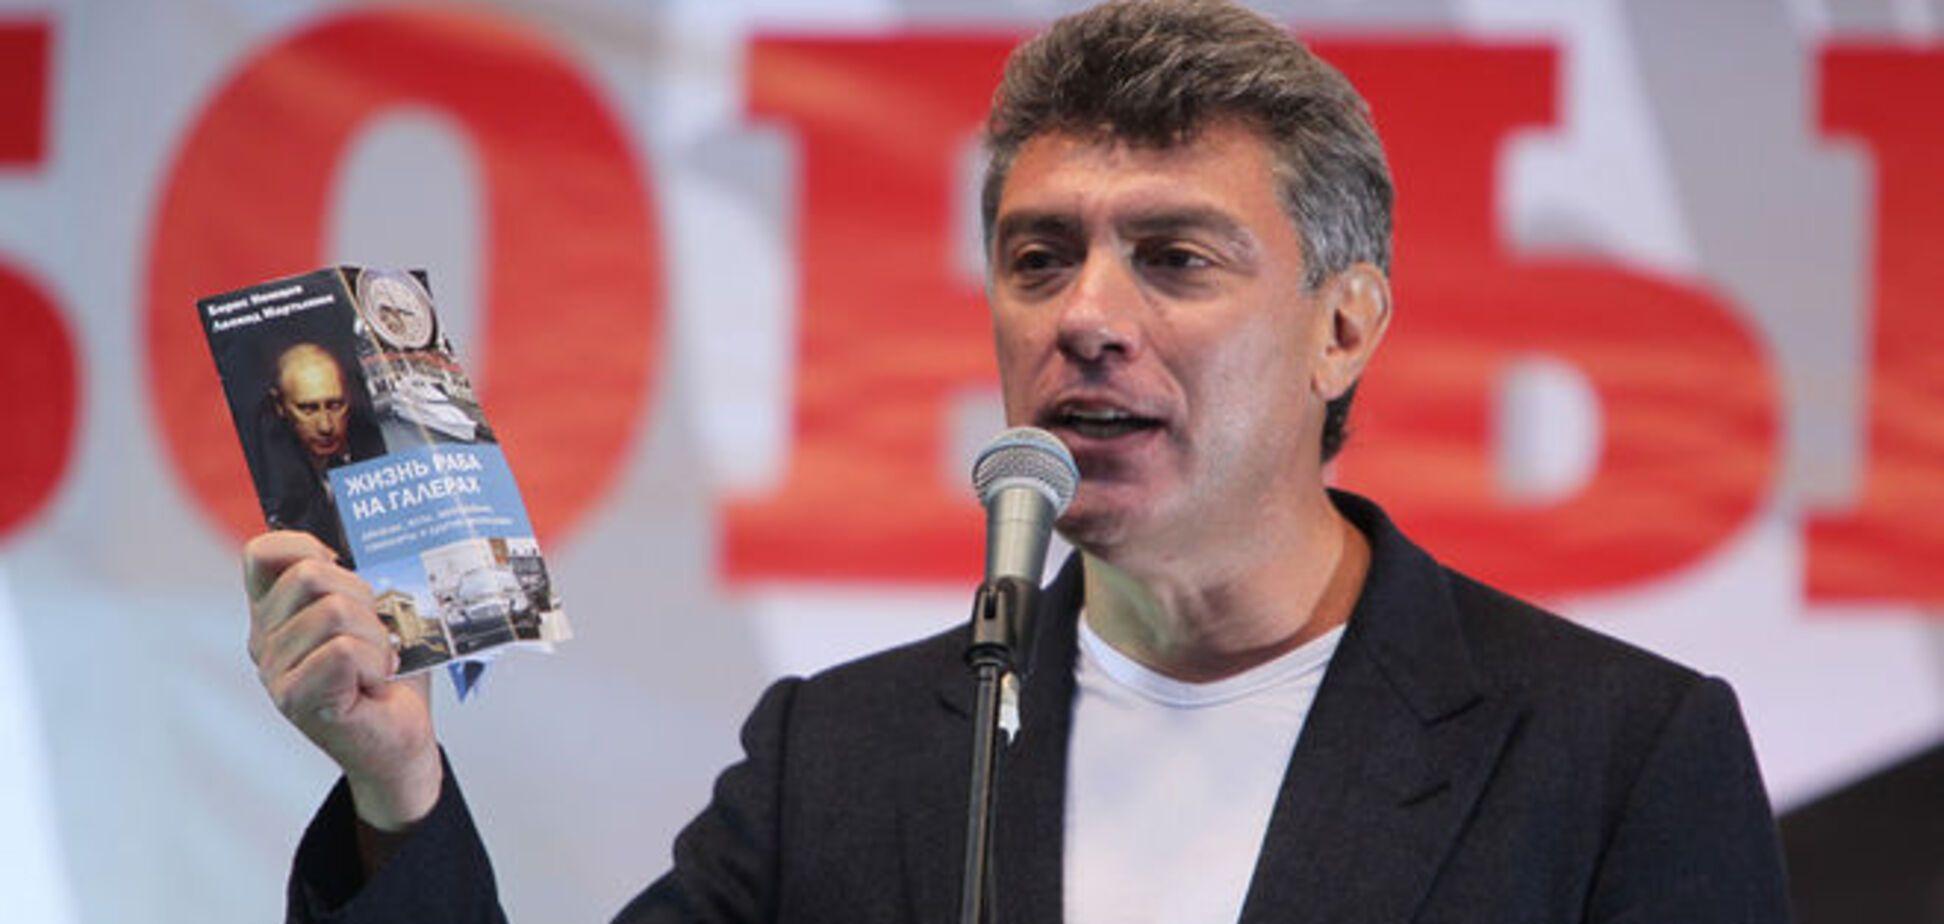 В момент убийства Немцов находился с девушкой из Украины - СМИ